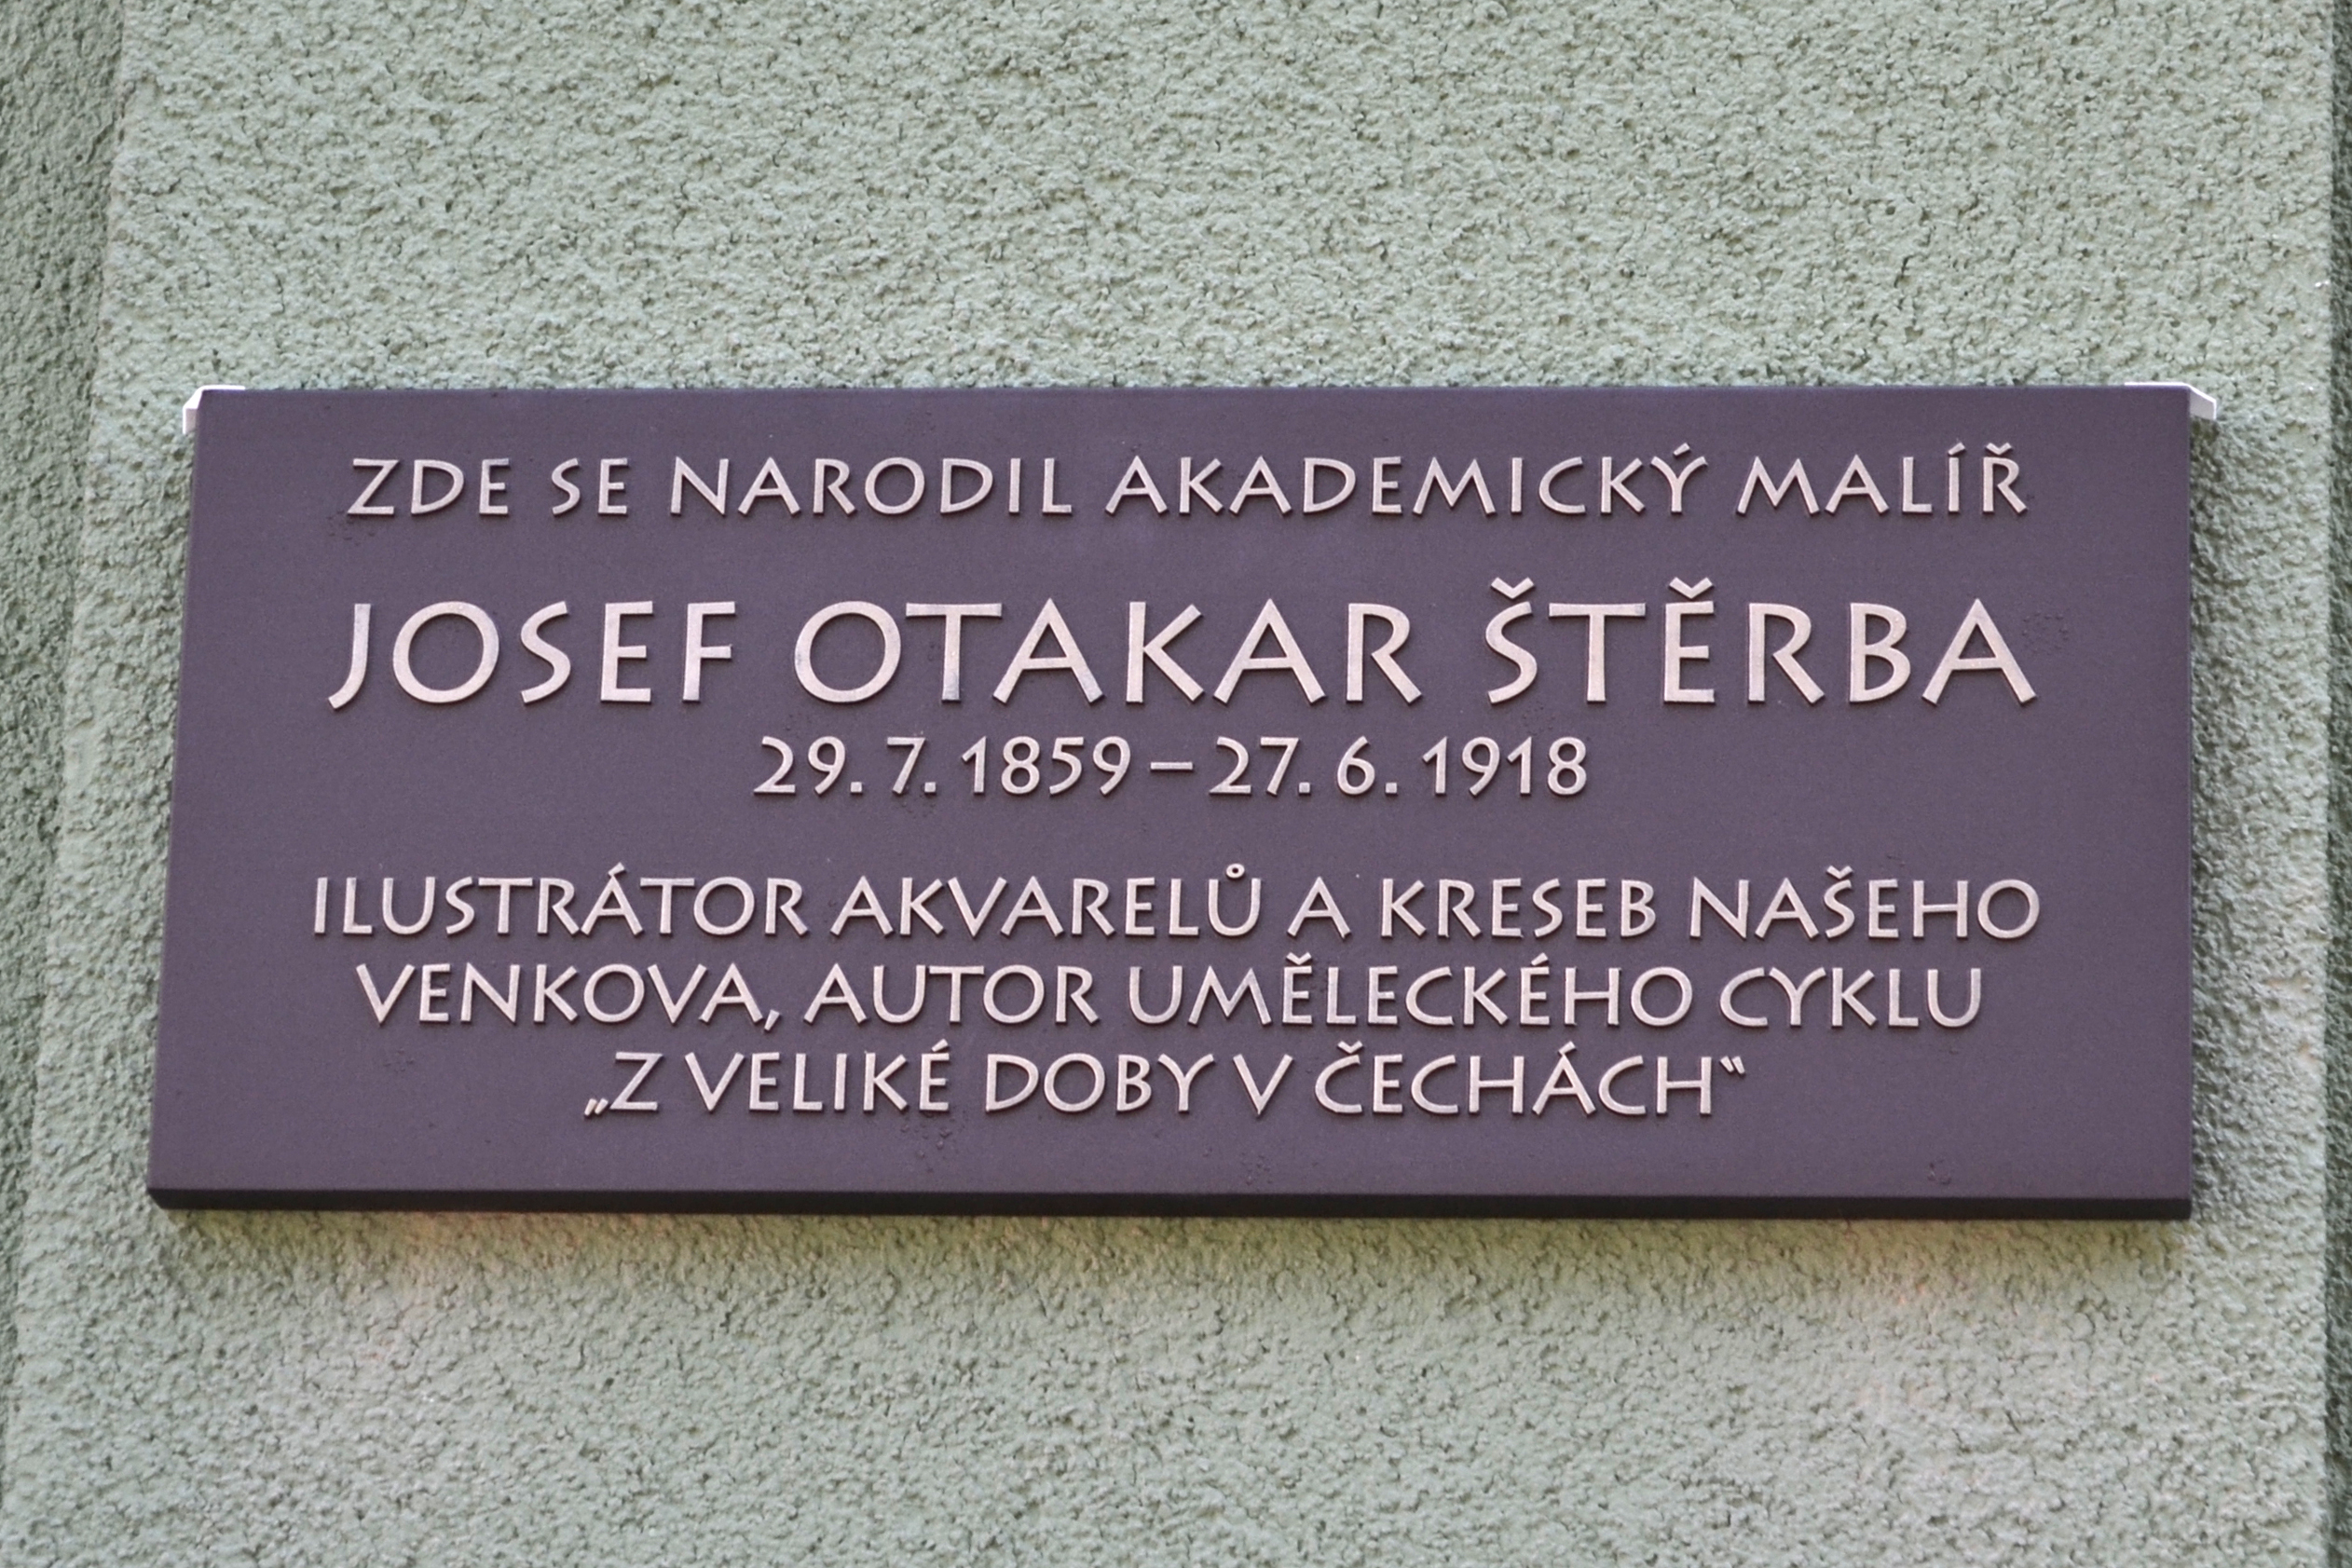 Odhalení pamětní desky Josefa Otakary Štěrby